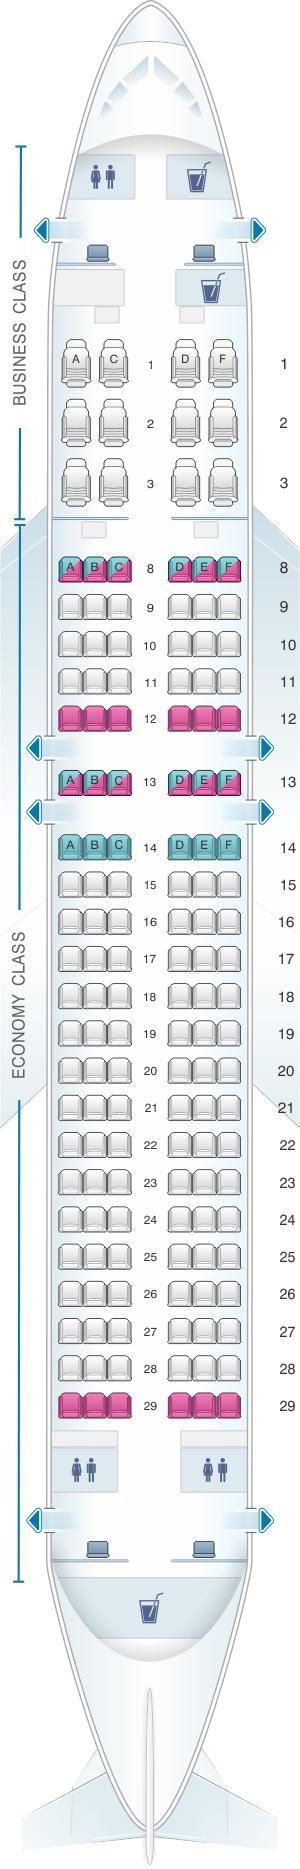 Plan de cabine qatar airways airbus a320 200 144pax for Plans de cabine gratuits